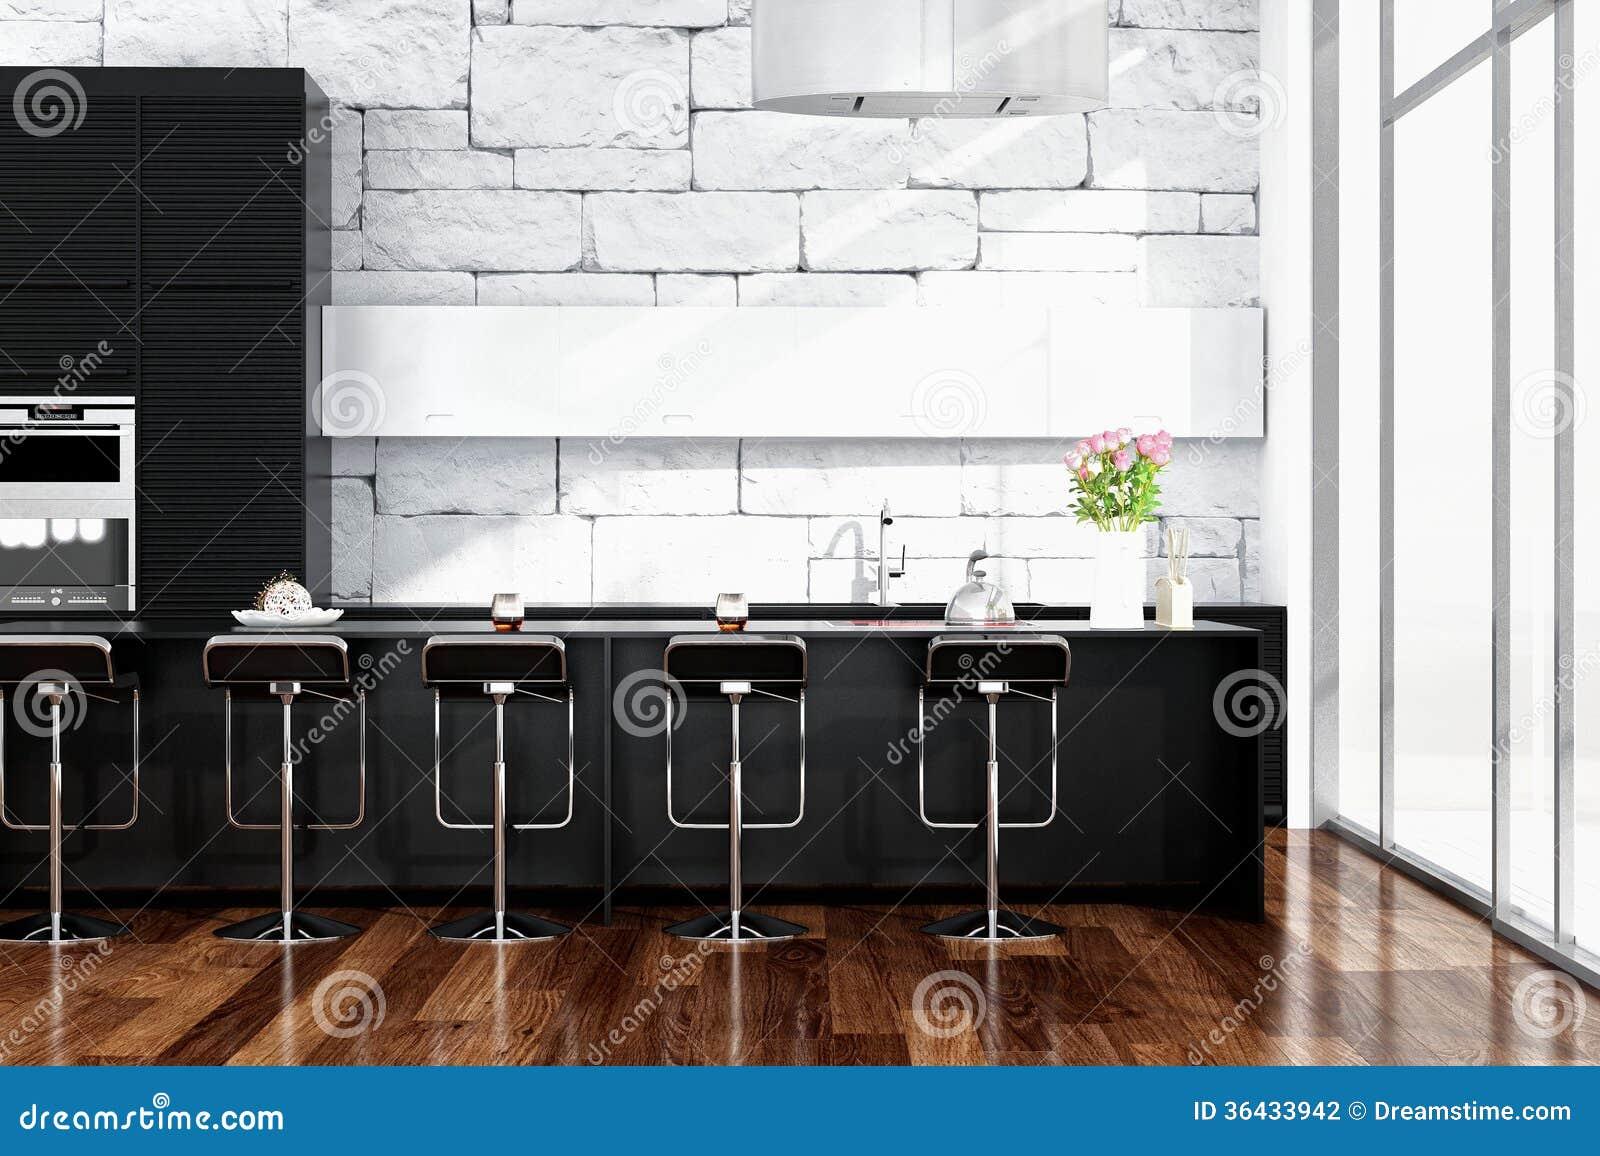 Interior negro de la cocina con muebles modernos for Interior muebles cocina